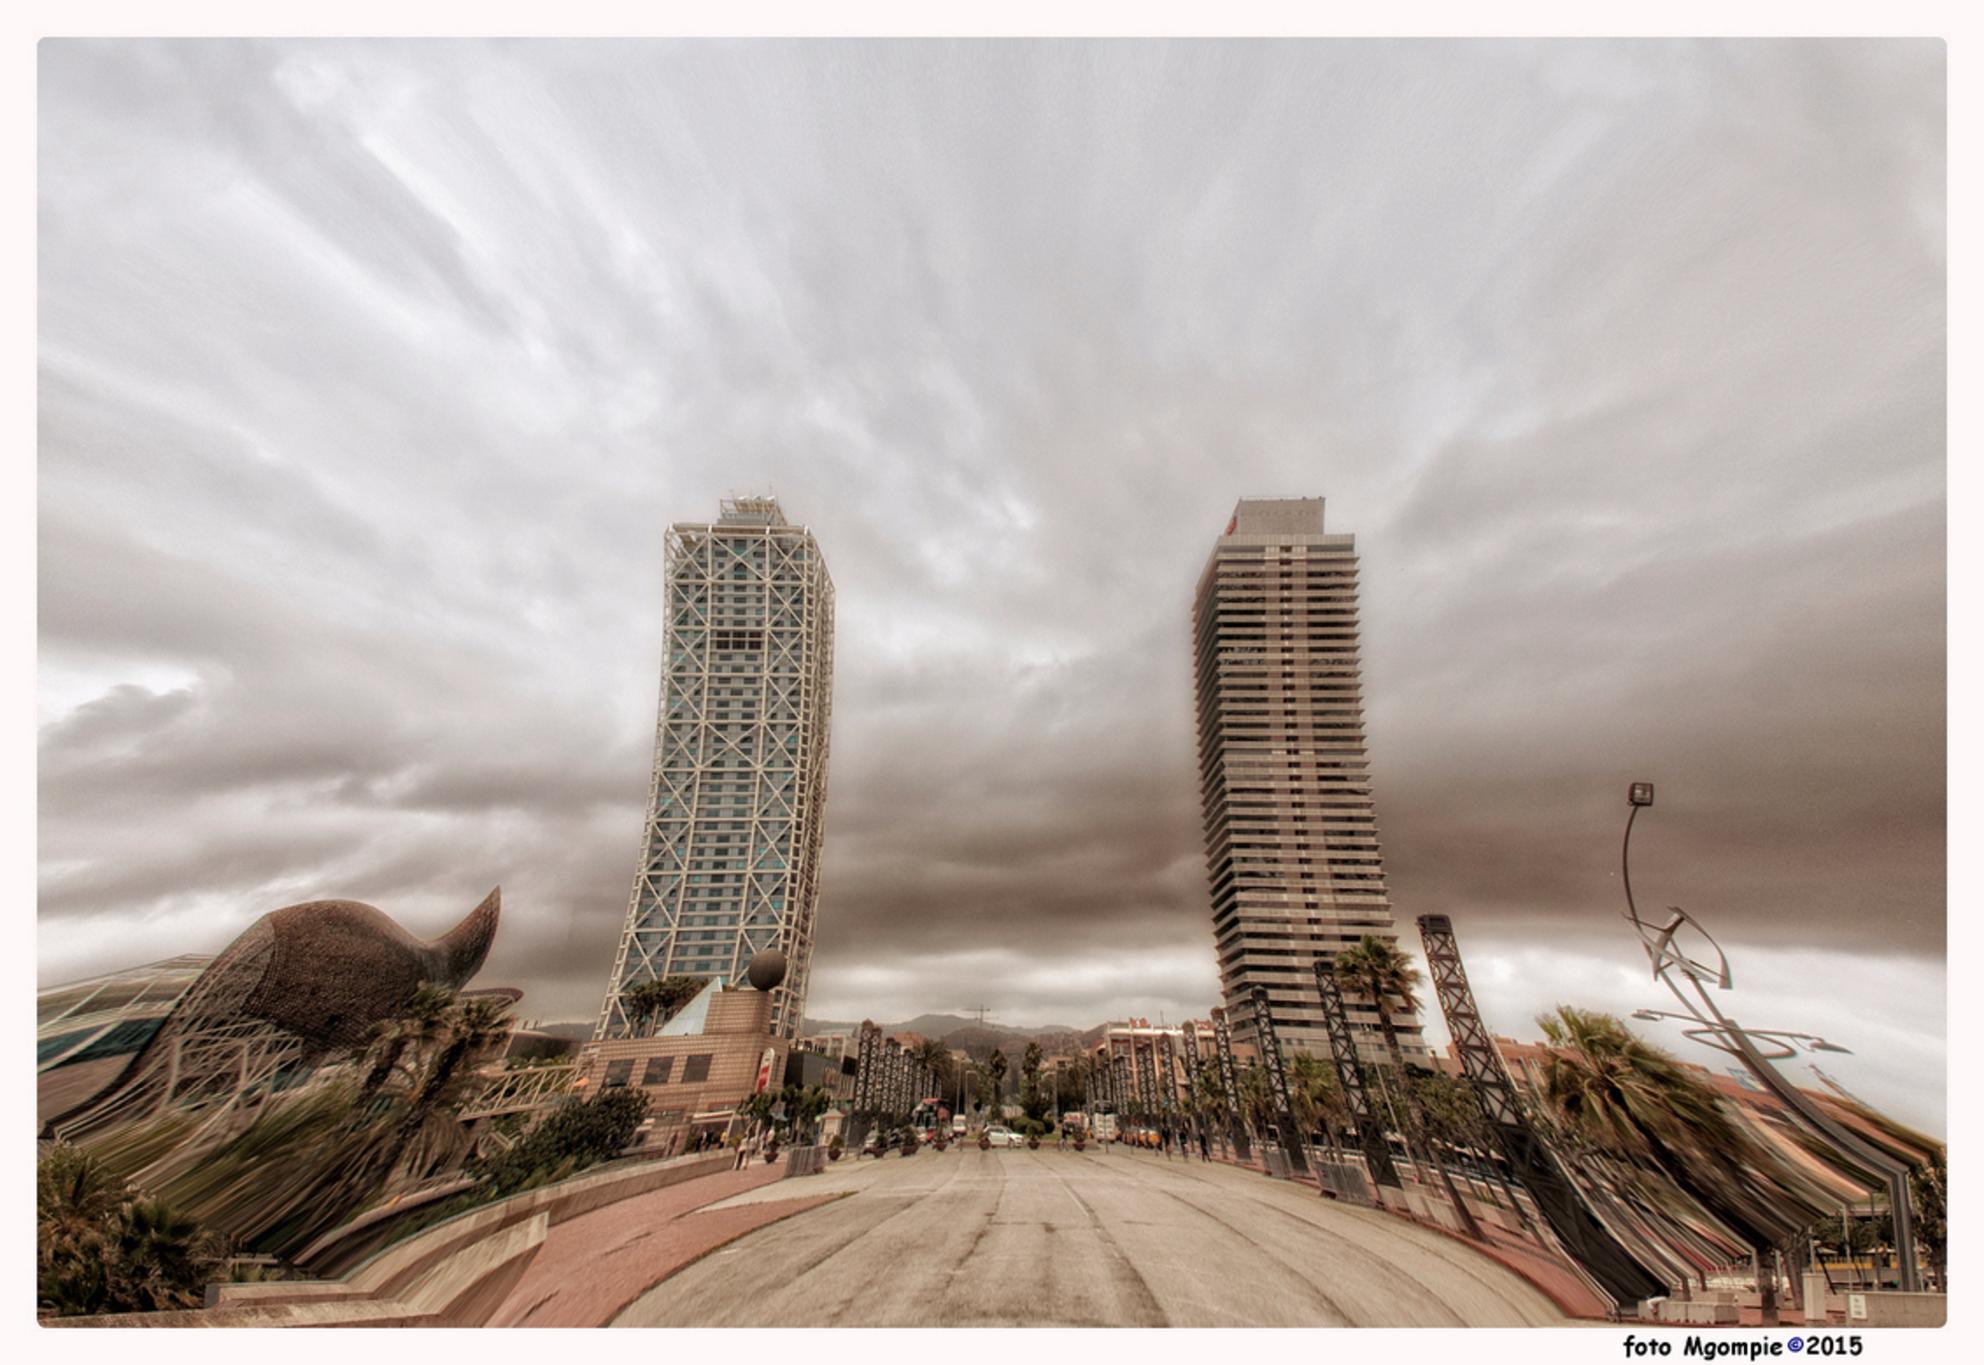 Lichtelijk-Borderwit - Een fotografisch geintje zo rond de jaarwisseling, per slot van rekening is het meestal toch een wat aangeschoten moment voor velen van ons.  Bedan - foto door mgompie op 30-12-2015 - deze foto bevat: stad, barcelona, bewerking, flat, mgompie